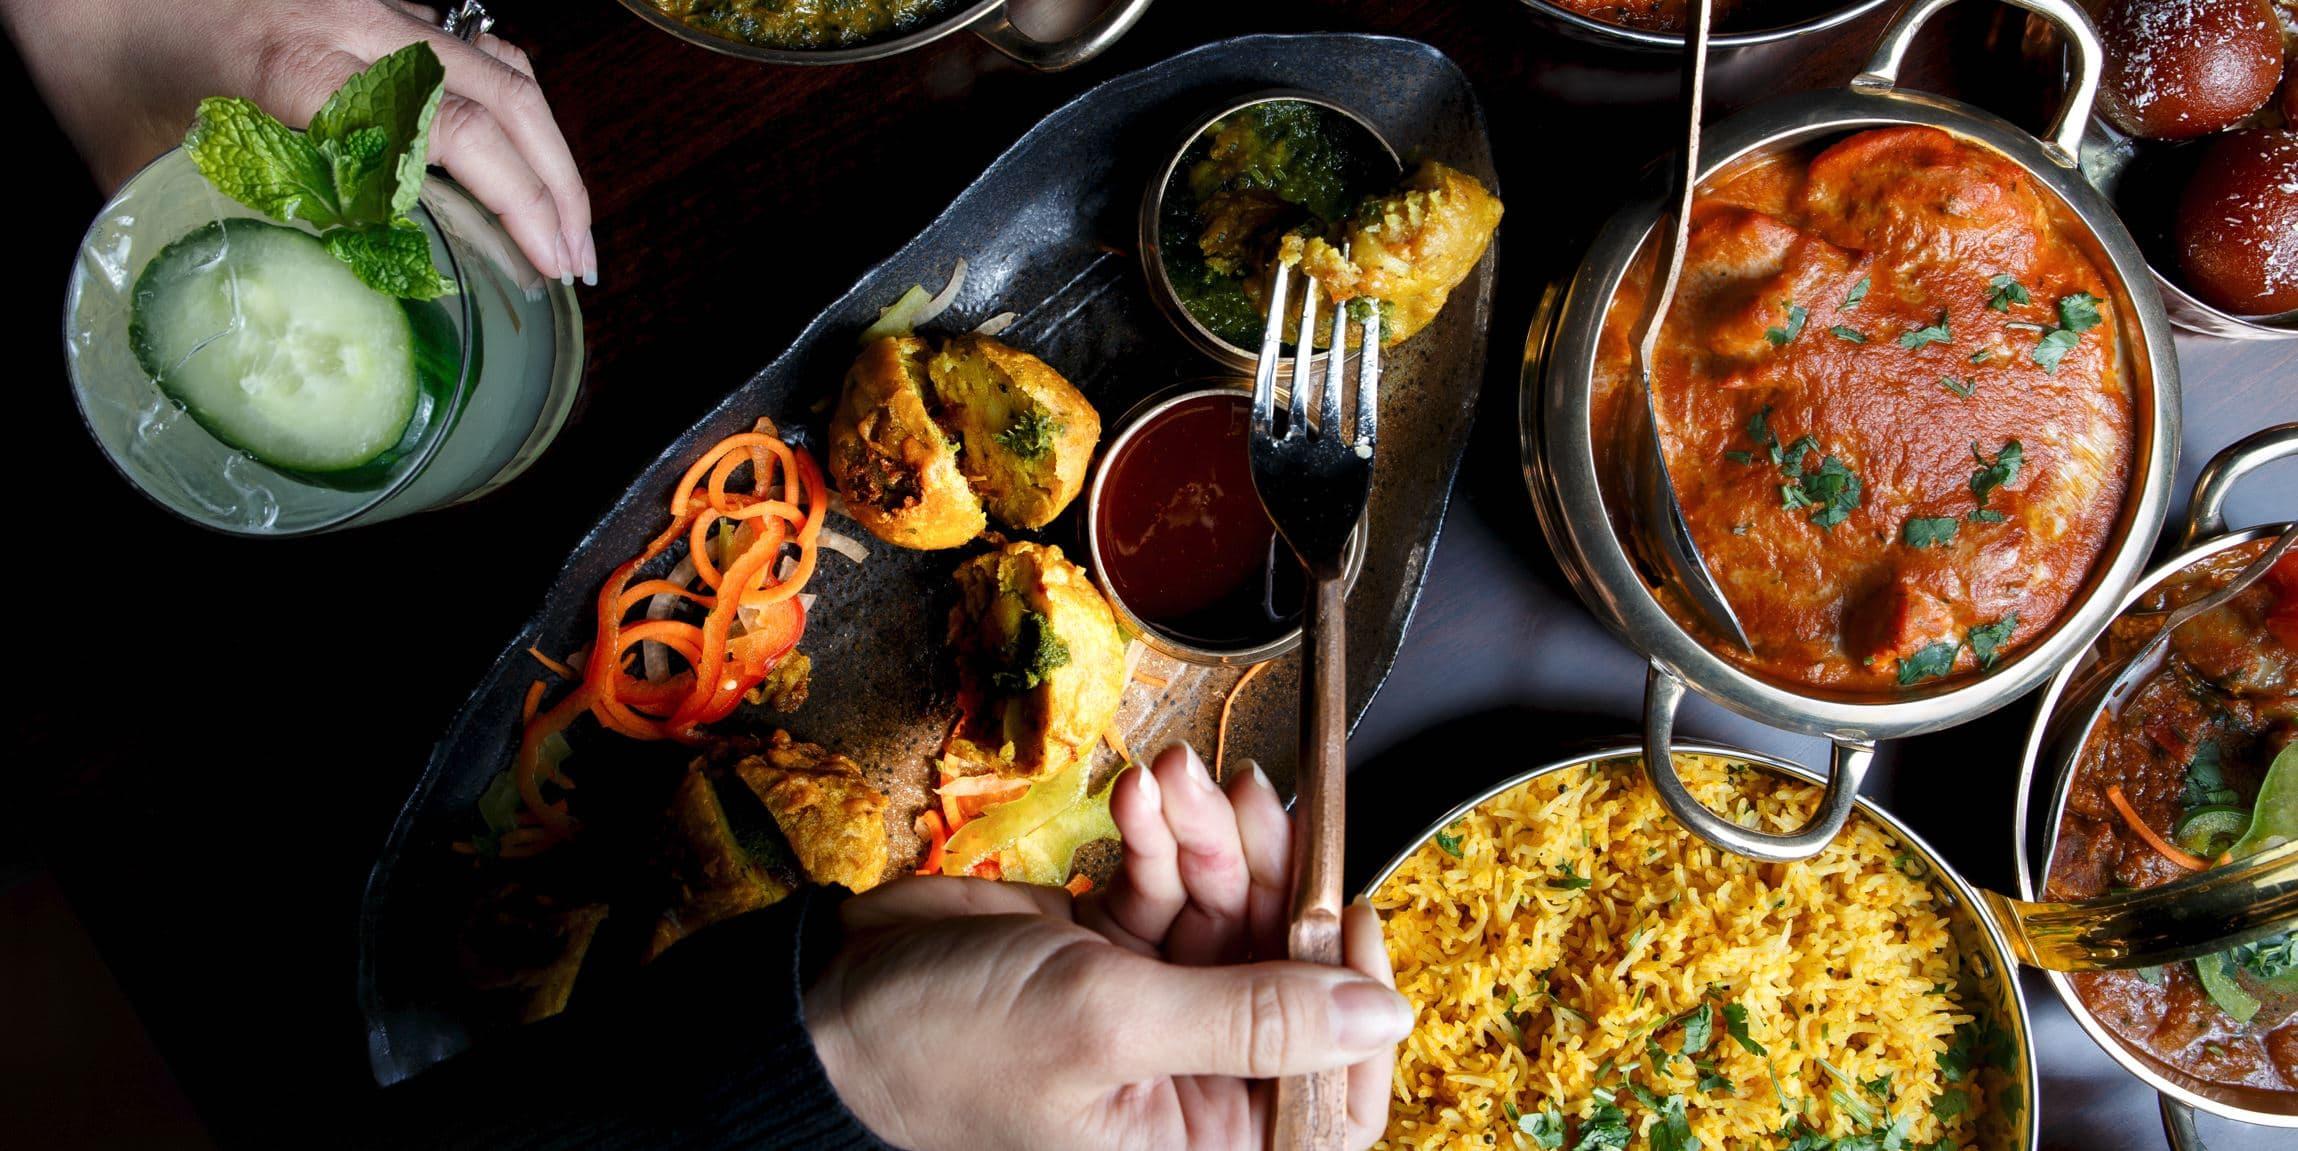 Indian-food-vancouver-main-street-20210112JPG